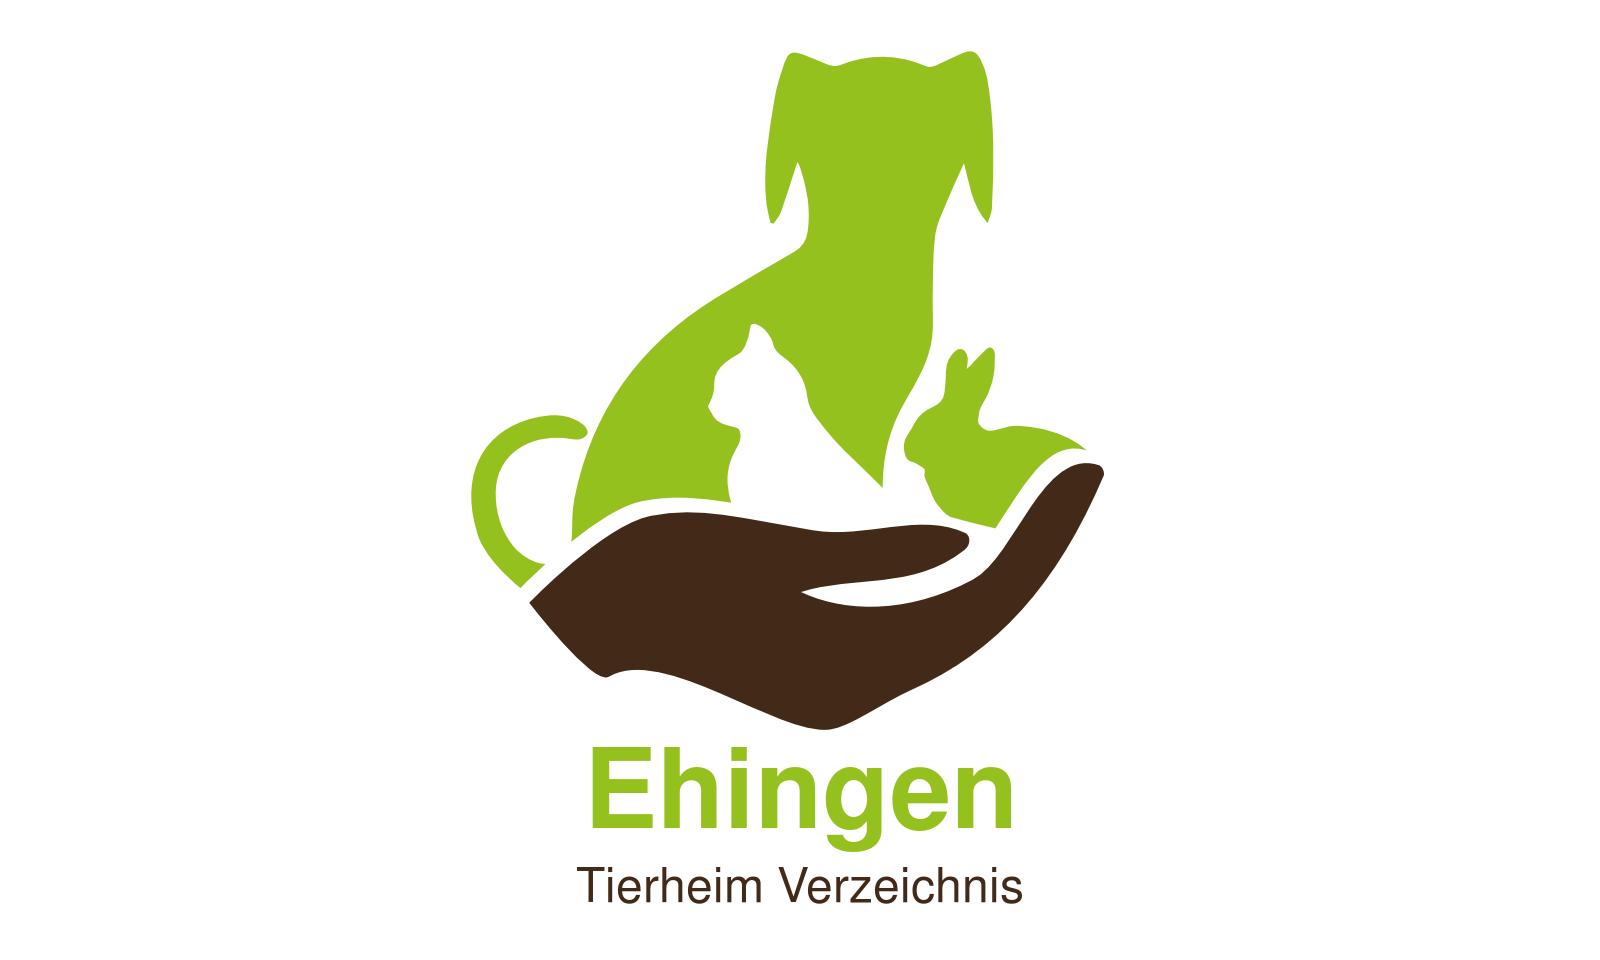 Tierheim Ehingen